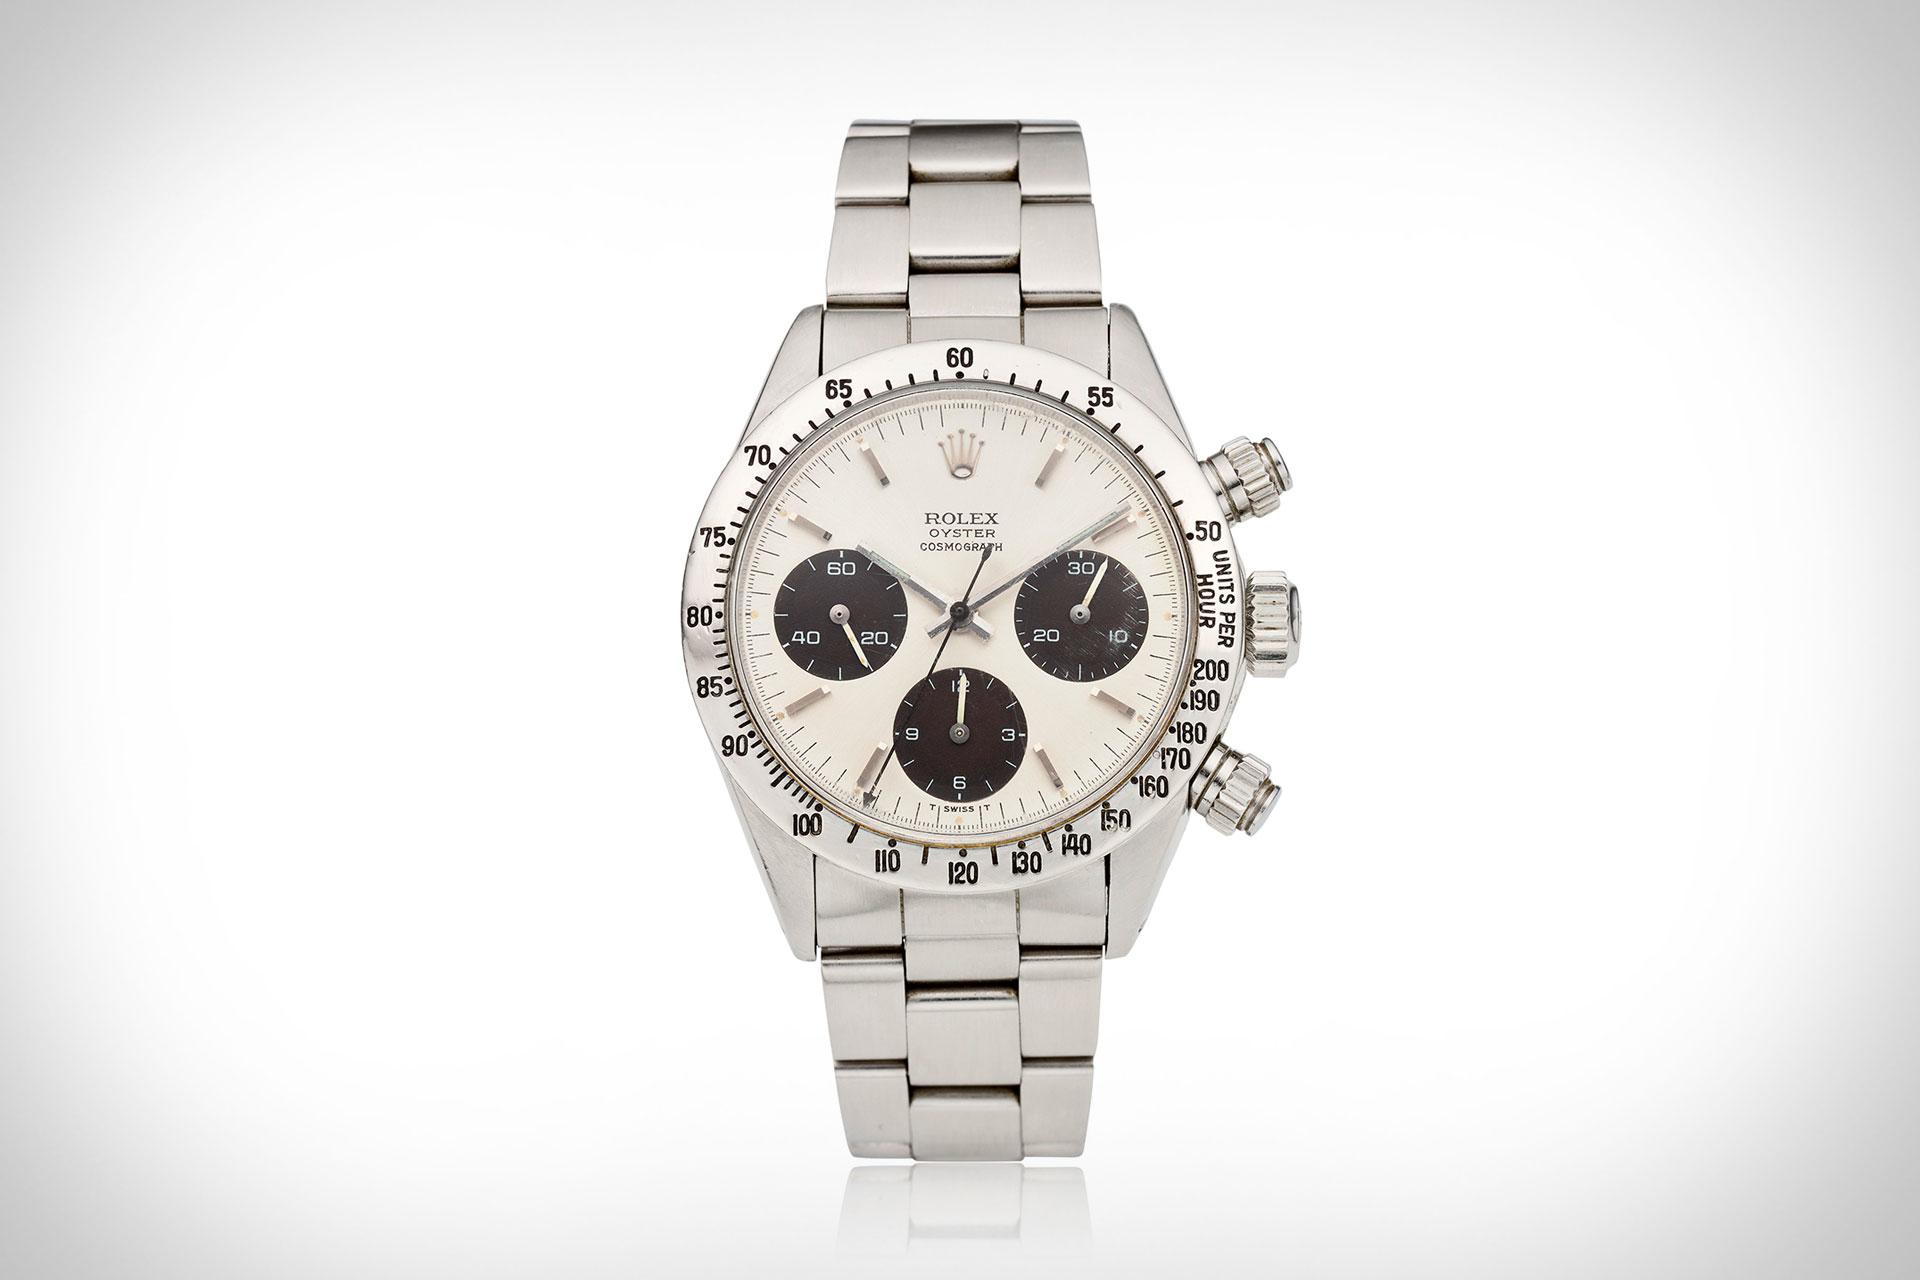 Carroll Smith's Rolex Daytona Watch